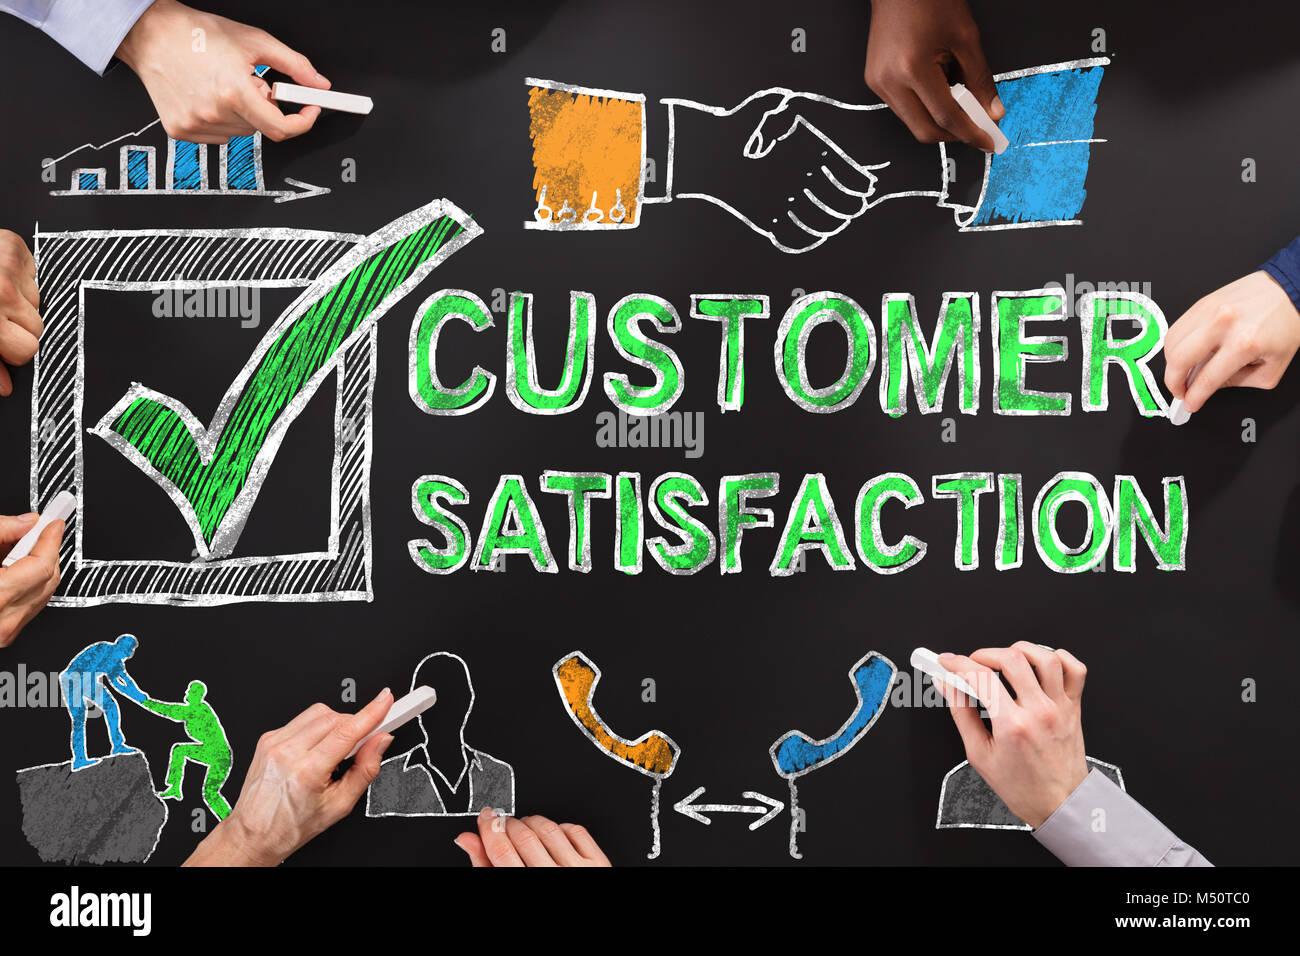 De Prestataires de l'Enquête de satisfaction clientèle Concept sur tableau noir Photo Stock